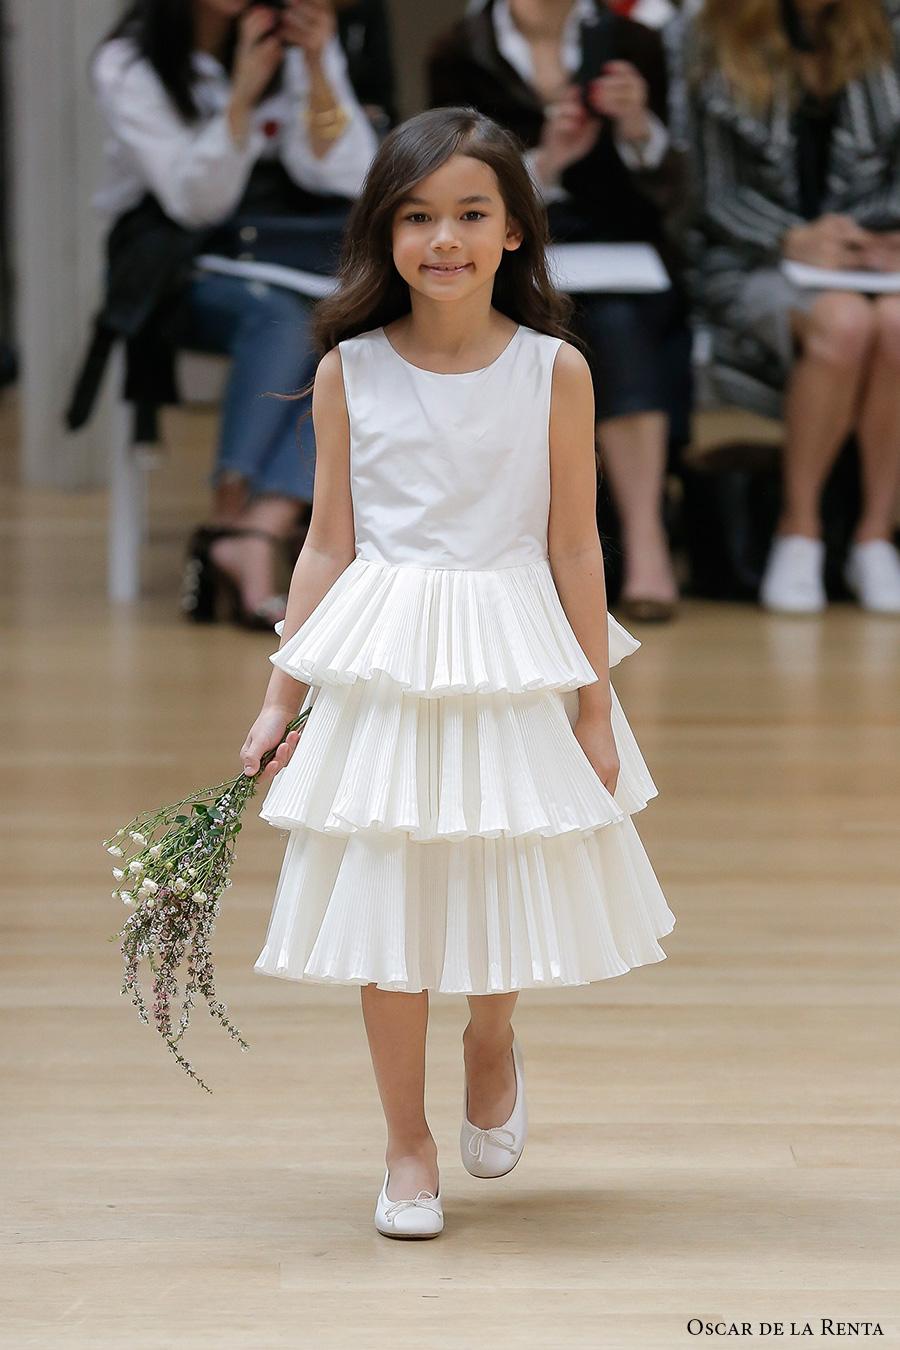 Wedding Dresses Oscar De La Renta 88 Simple oscar de la renta